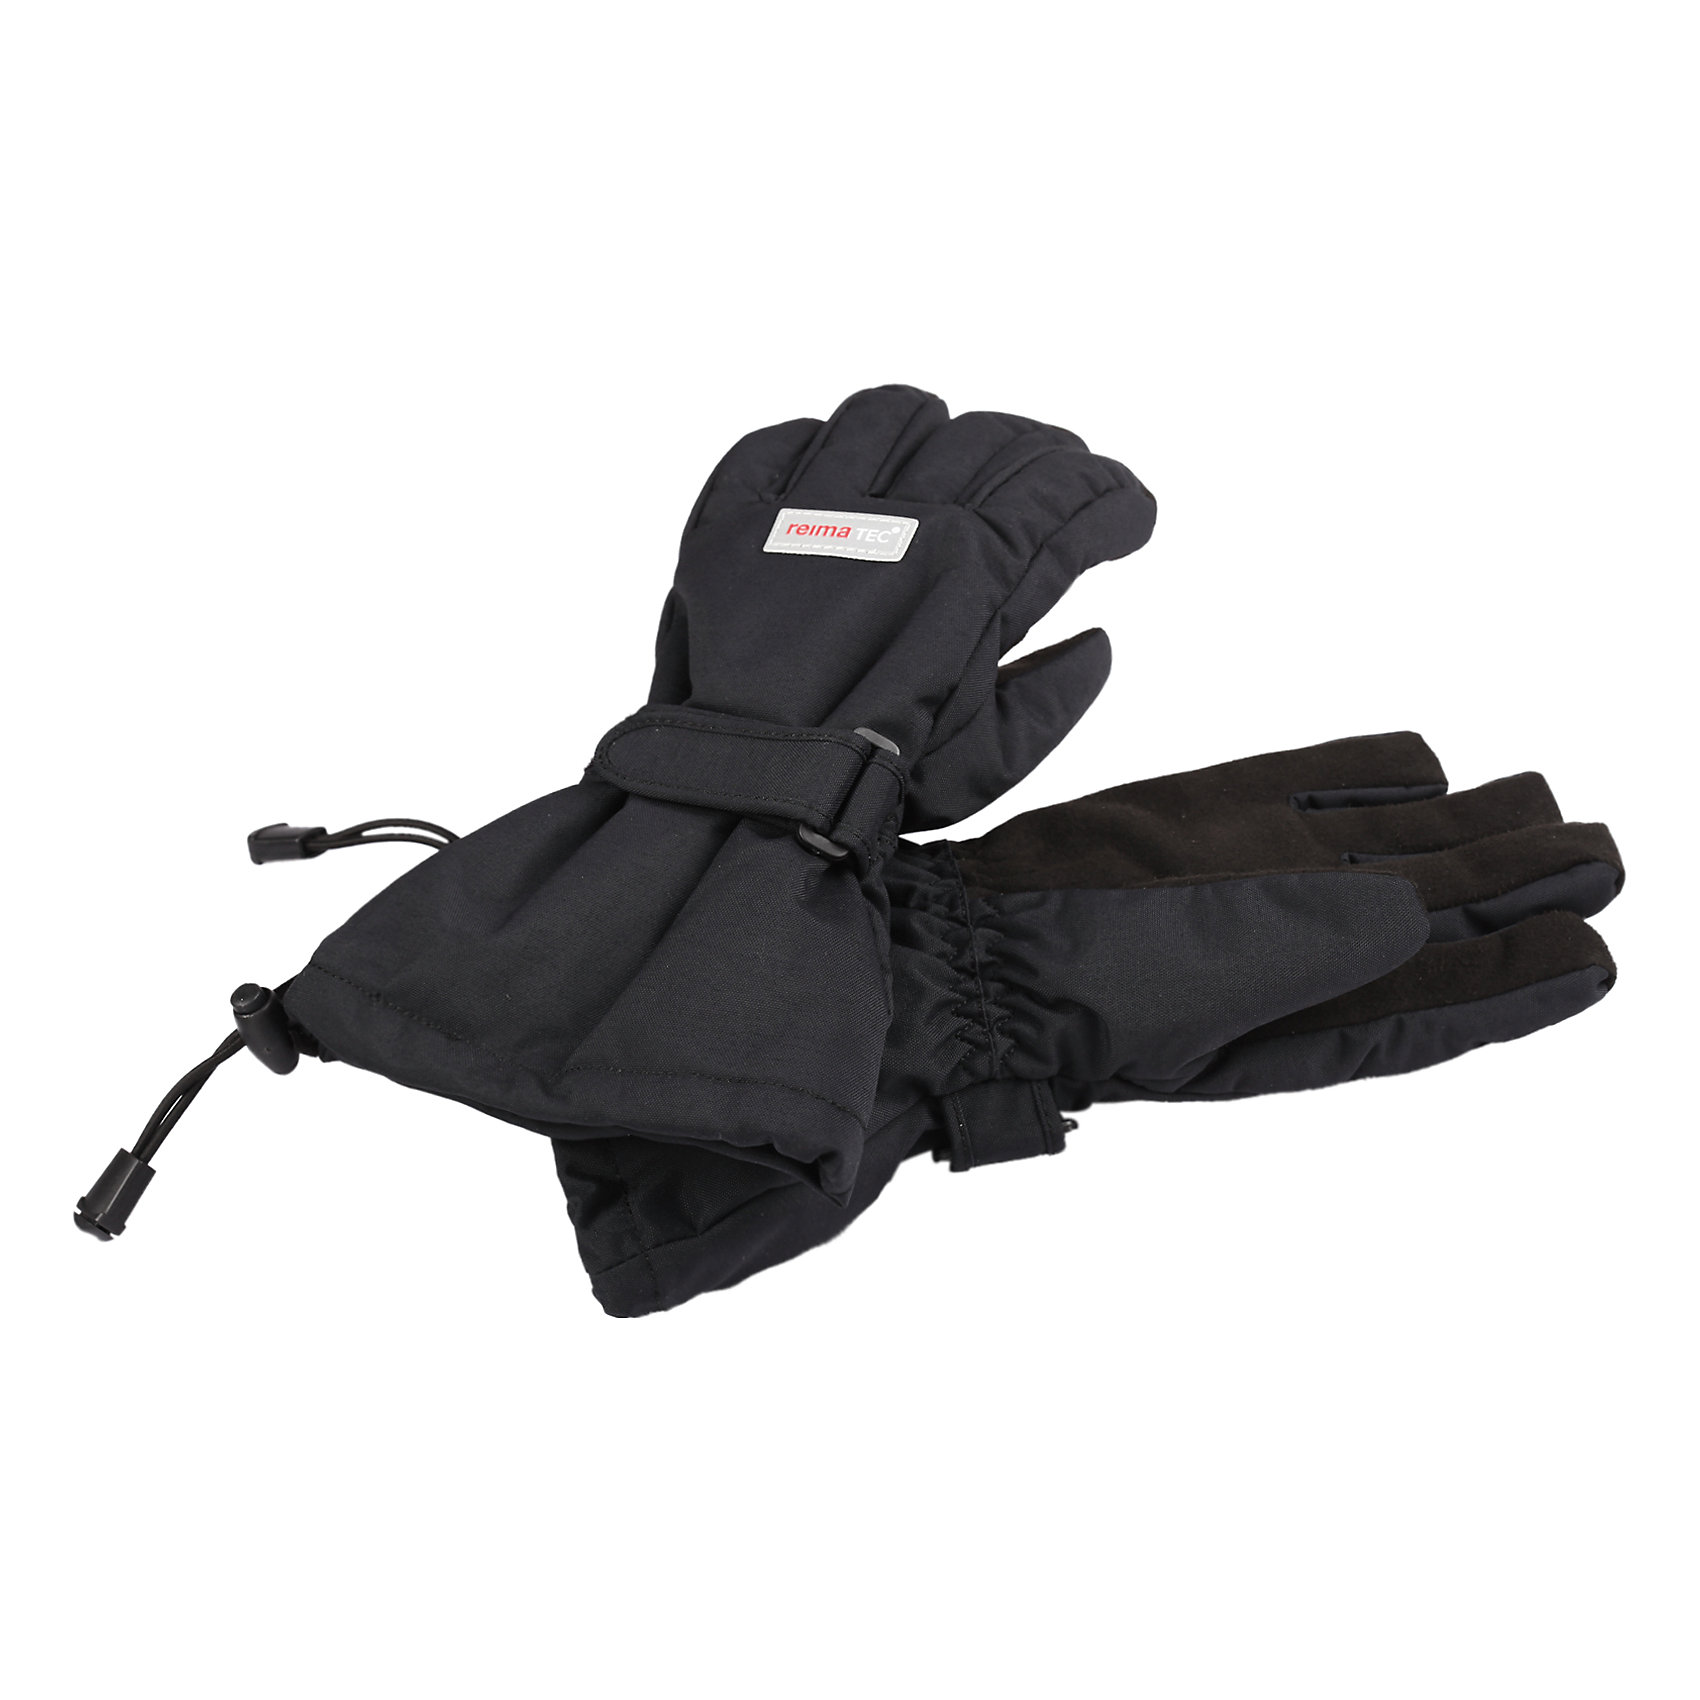 Перчатки для мальчика Reimatec® ReimaЭти зимние перчатки Reimatec® (Рейматек) для малышей и детей - очень практичны. Они супер теплые, полностью водонепроницаемые, дышащие и гибкие. Мягкая и приятная флисовая подкладка внутри перчаток дарит коже ощущение комфорта, а также обеспечивает дополнительное тепло маленьким ручкам. Усиленный материал на ладошках и пальцах предназначен для повышения долговечности. Идеально подходят для активных игр на открытом воздухе. Снежные замки и снеговики, а вот и я!<br><br>Зимние перчатки  Reimatec® (Рейматек) для малышей и детей<br>Водонепроницаемая вставка из Hipora<br>Теплая полиэстер-флисовая подкладка <br>Теплая набивка Primaloft, 170 г<br>Усиленные на ладошках, больших пальцах и пальцах<br>Возможна сушка в центрифуге<br><br>Состав:<br>100% ПА, ПУ-покрытие<br>Средняя степень утепления (до - 20)<br><br>Перчатки Reimatec® (Рейматек) Reima (Рейма) можно купить в нашем магазине.<br><br>Ширина мм: 162<br>Глубина мм: 171<br>Высота мм: 55<br>Вес г: 119<br>Цвет: черный<br>Возраст от месяцев: 24<br>Возраст до месяцев: 48<br>Пол: Мужской<br>Возраст: Детский<br>Размер: 3,4,5,6,7,8<br>SKU: 4210247